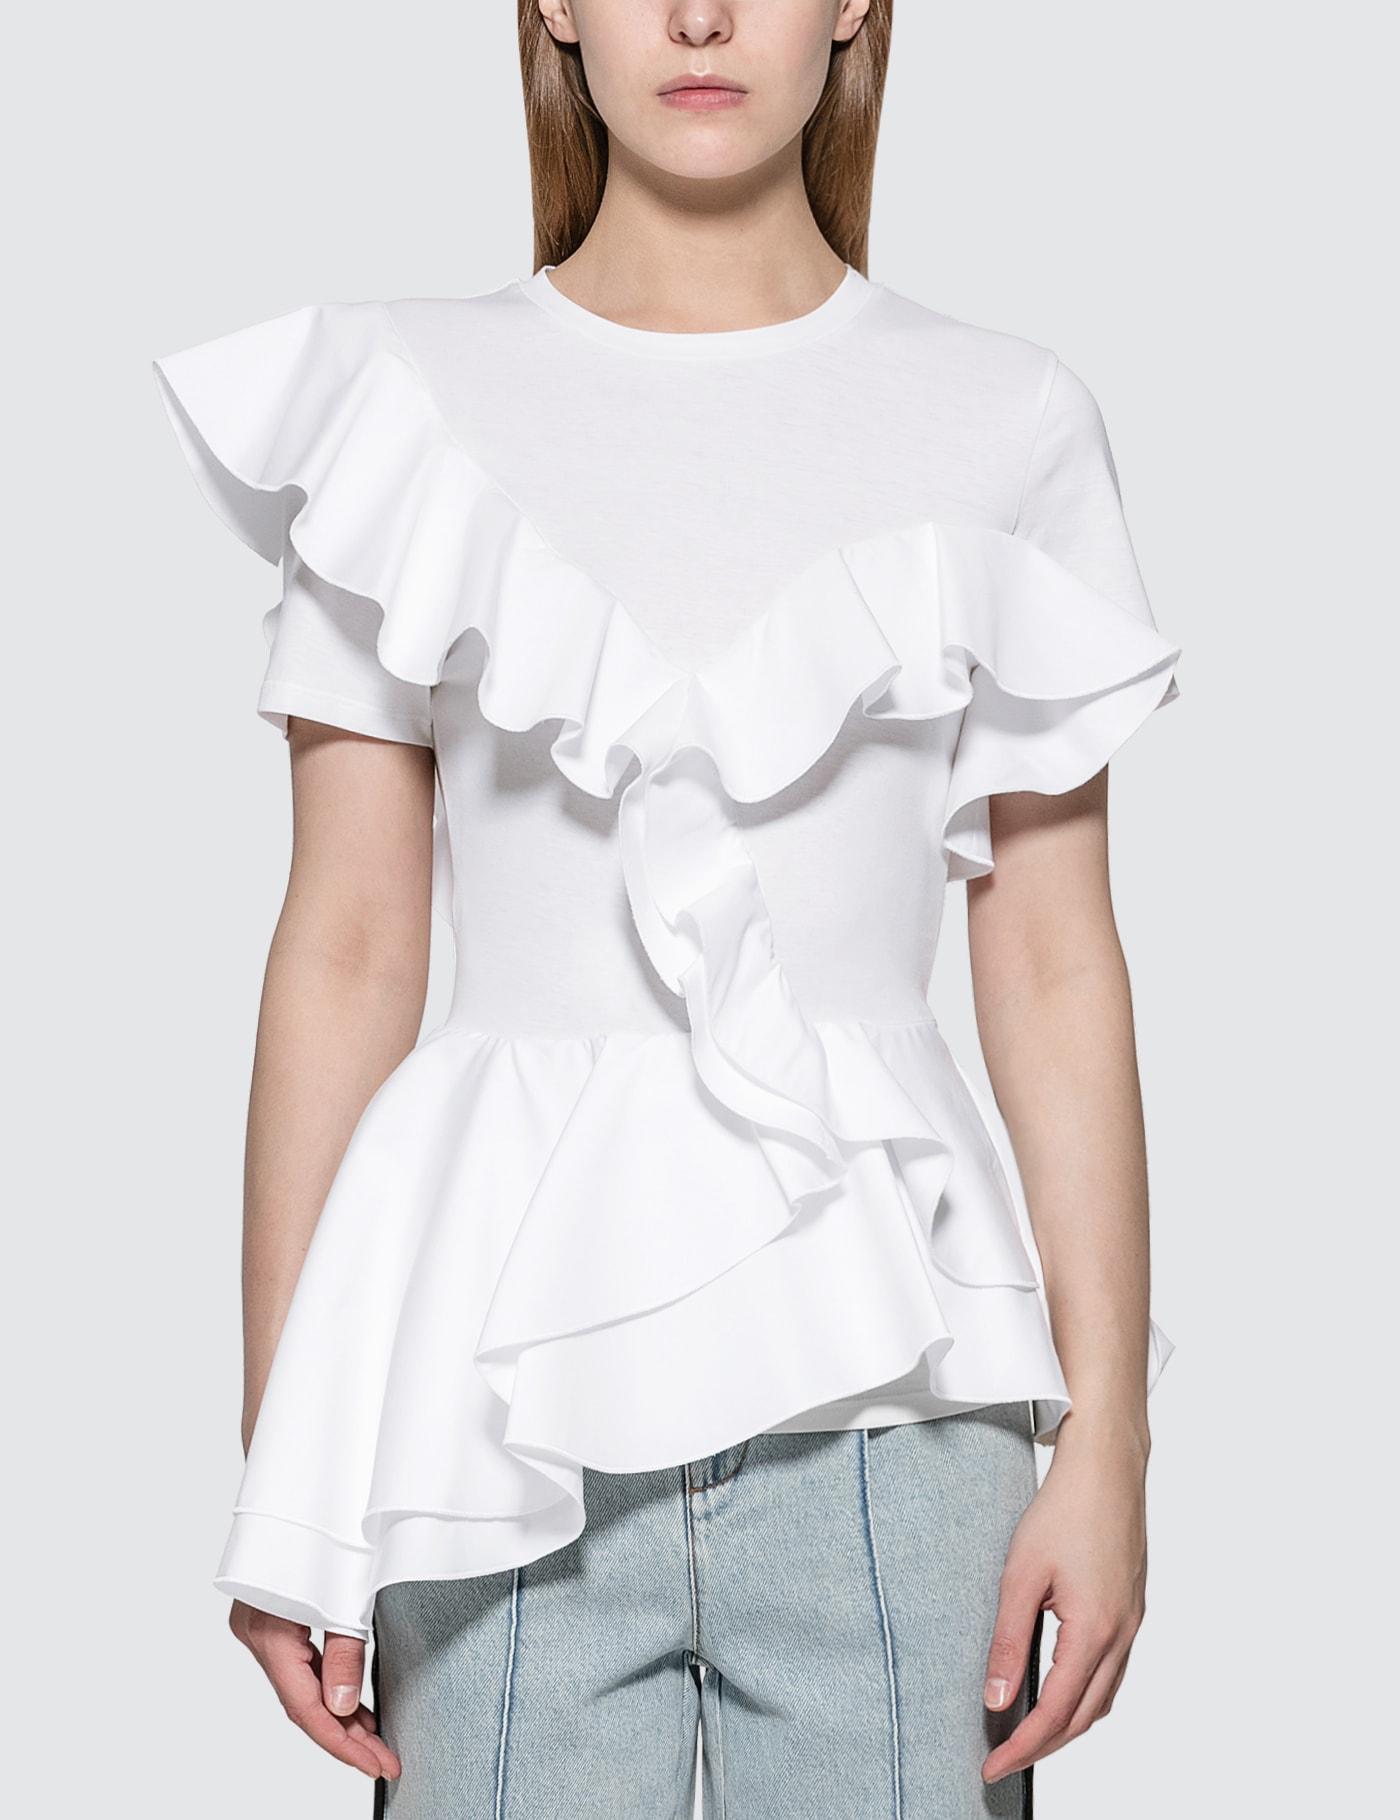 Alexander McQueen Peplum Ruffle T-shirt 사진